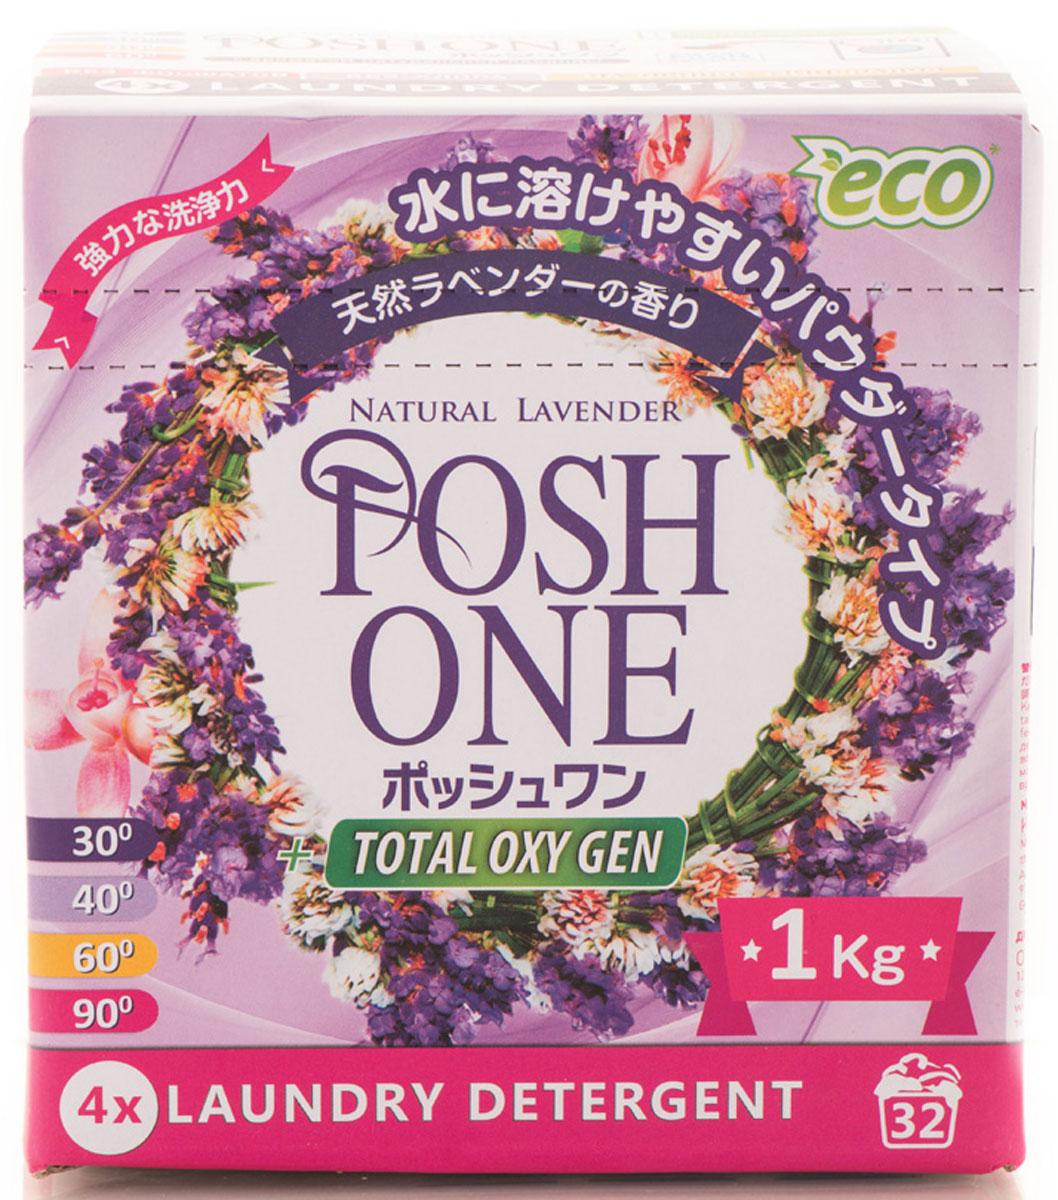 Порошок стиральный Posh One Eco, концентрат, для цветного белья, 1 кгML31101Концентрированный стиральный порошок Posh One Eco подходит для стирки детского белья и всех видов тканей в стиральных машинах любого типа. Подходит для ручной стирки. Имеет аромат лаванды.Особенности порошка:- Не имеет в своем составе фосфаты, экологических отбеливателей, формальдегидов и хлора.- Не раздражает кожу.- Биоразлагаем более чем на 99%.- Не оставляет следов на белье.- Не токсичен.- Содержит биоферменты и активный кислород-активатор TAED.- Защищает нагревательный элемент стиральной машины от накипи.- Эффективен в холодной воде.- Легко справляется со сложными пятнами.Состав: 15% или более, но менее 30% бикарбонат натрия, 5% или более, но менее 15% секвикарбонат натрия (трона), надуглекислый натрий, лаурилполиоксиэтиленсульфат-7, карбонат натрия, менее 5% активные формы кислорода, лимонная кислота, натриевая соль, ароматизатор, энзимы, карбоксиметилцеллюлоза, тетра-ацетилэтилендиамин, TAED, протеаза, целлюлоза, липаза, амилаза.Товар сертифицирован.